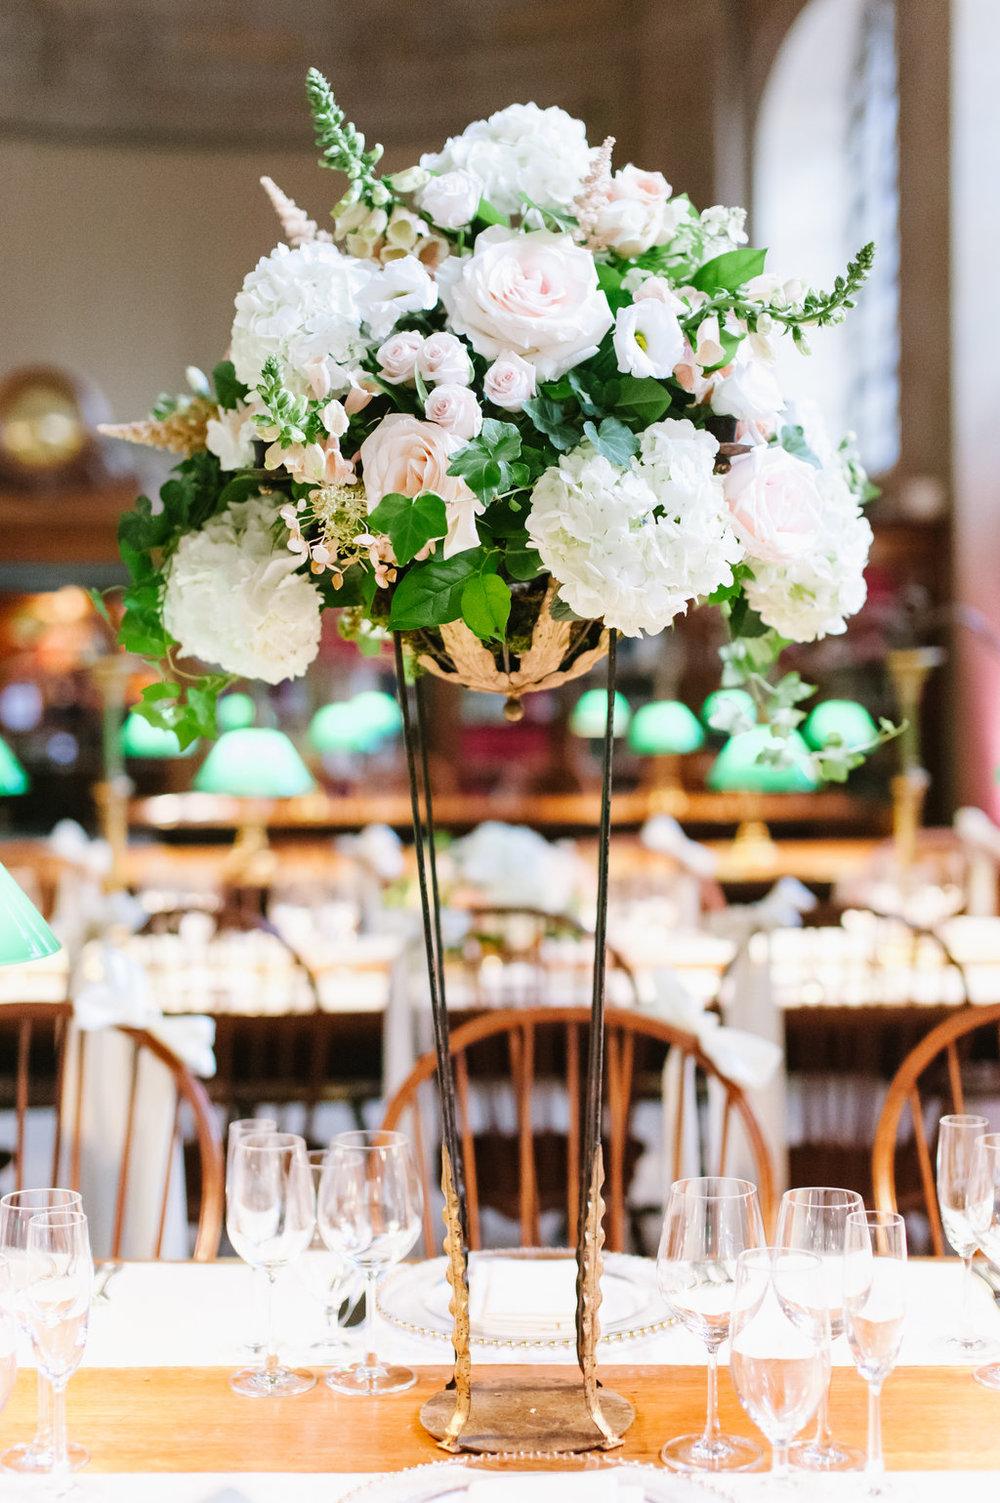 boston public library wedding tall centerpiece les fleurs andover